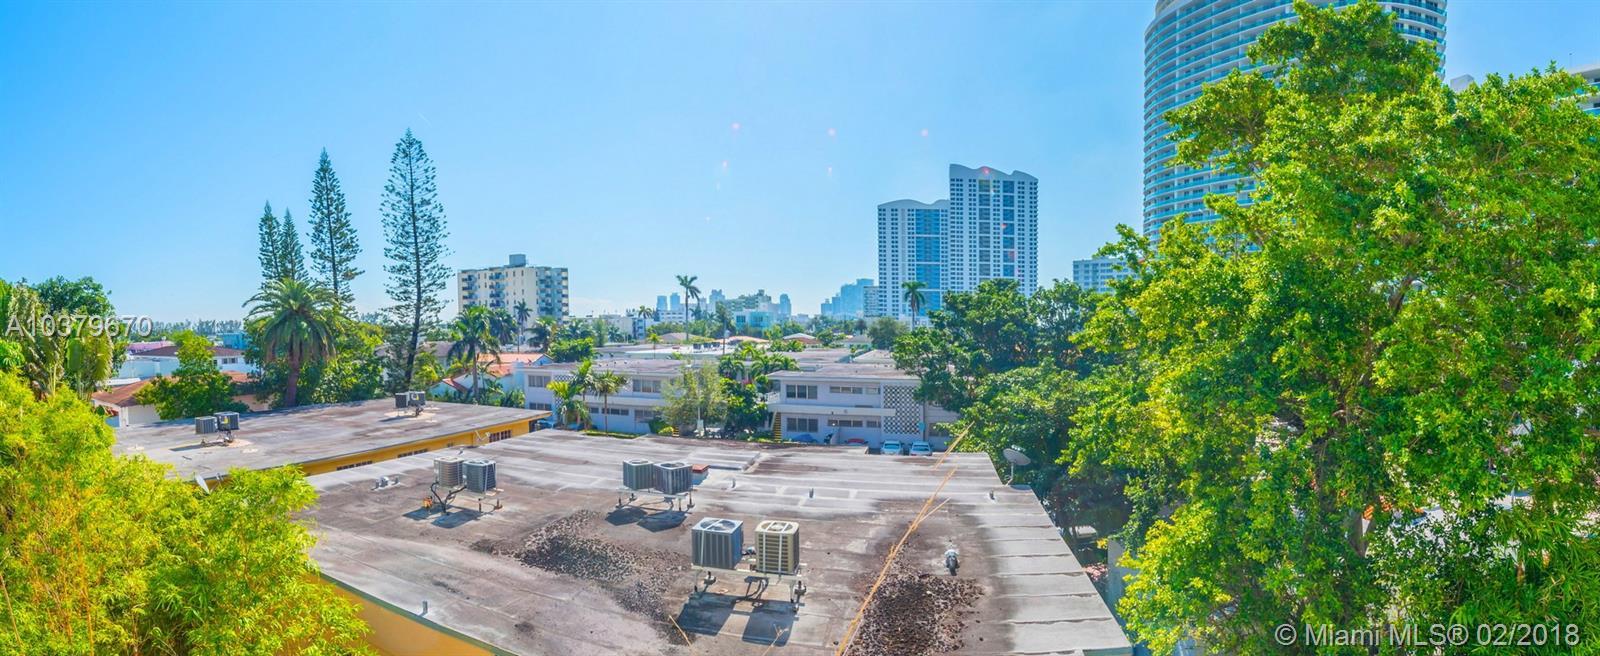 1577 Bay Rd #207, Miami Beach FL, 33139